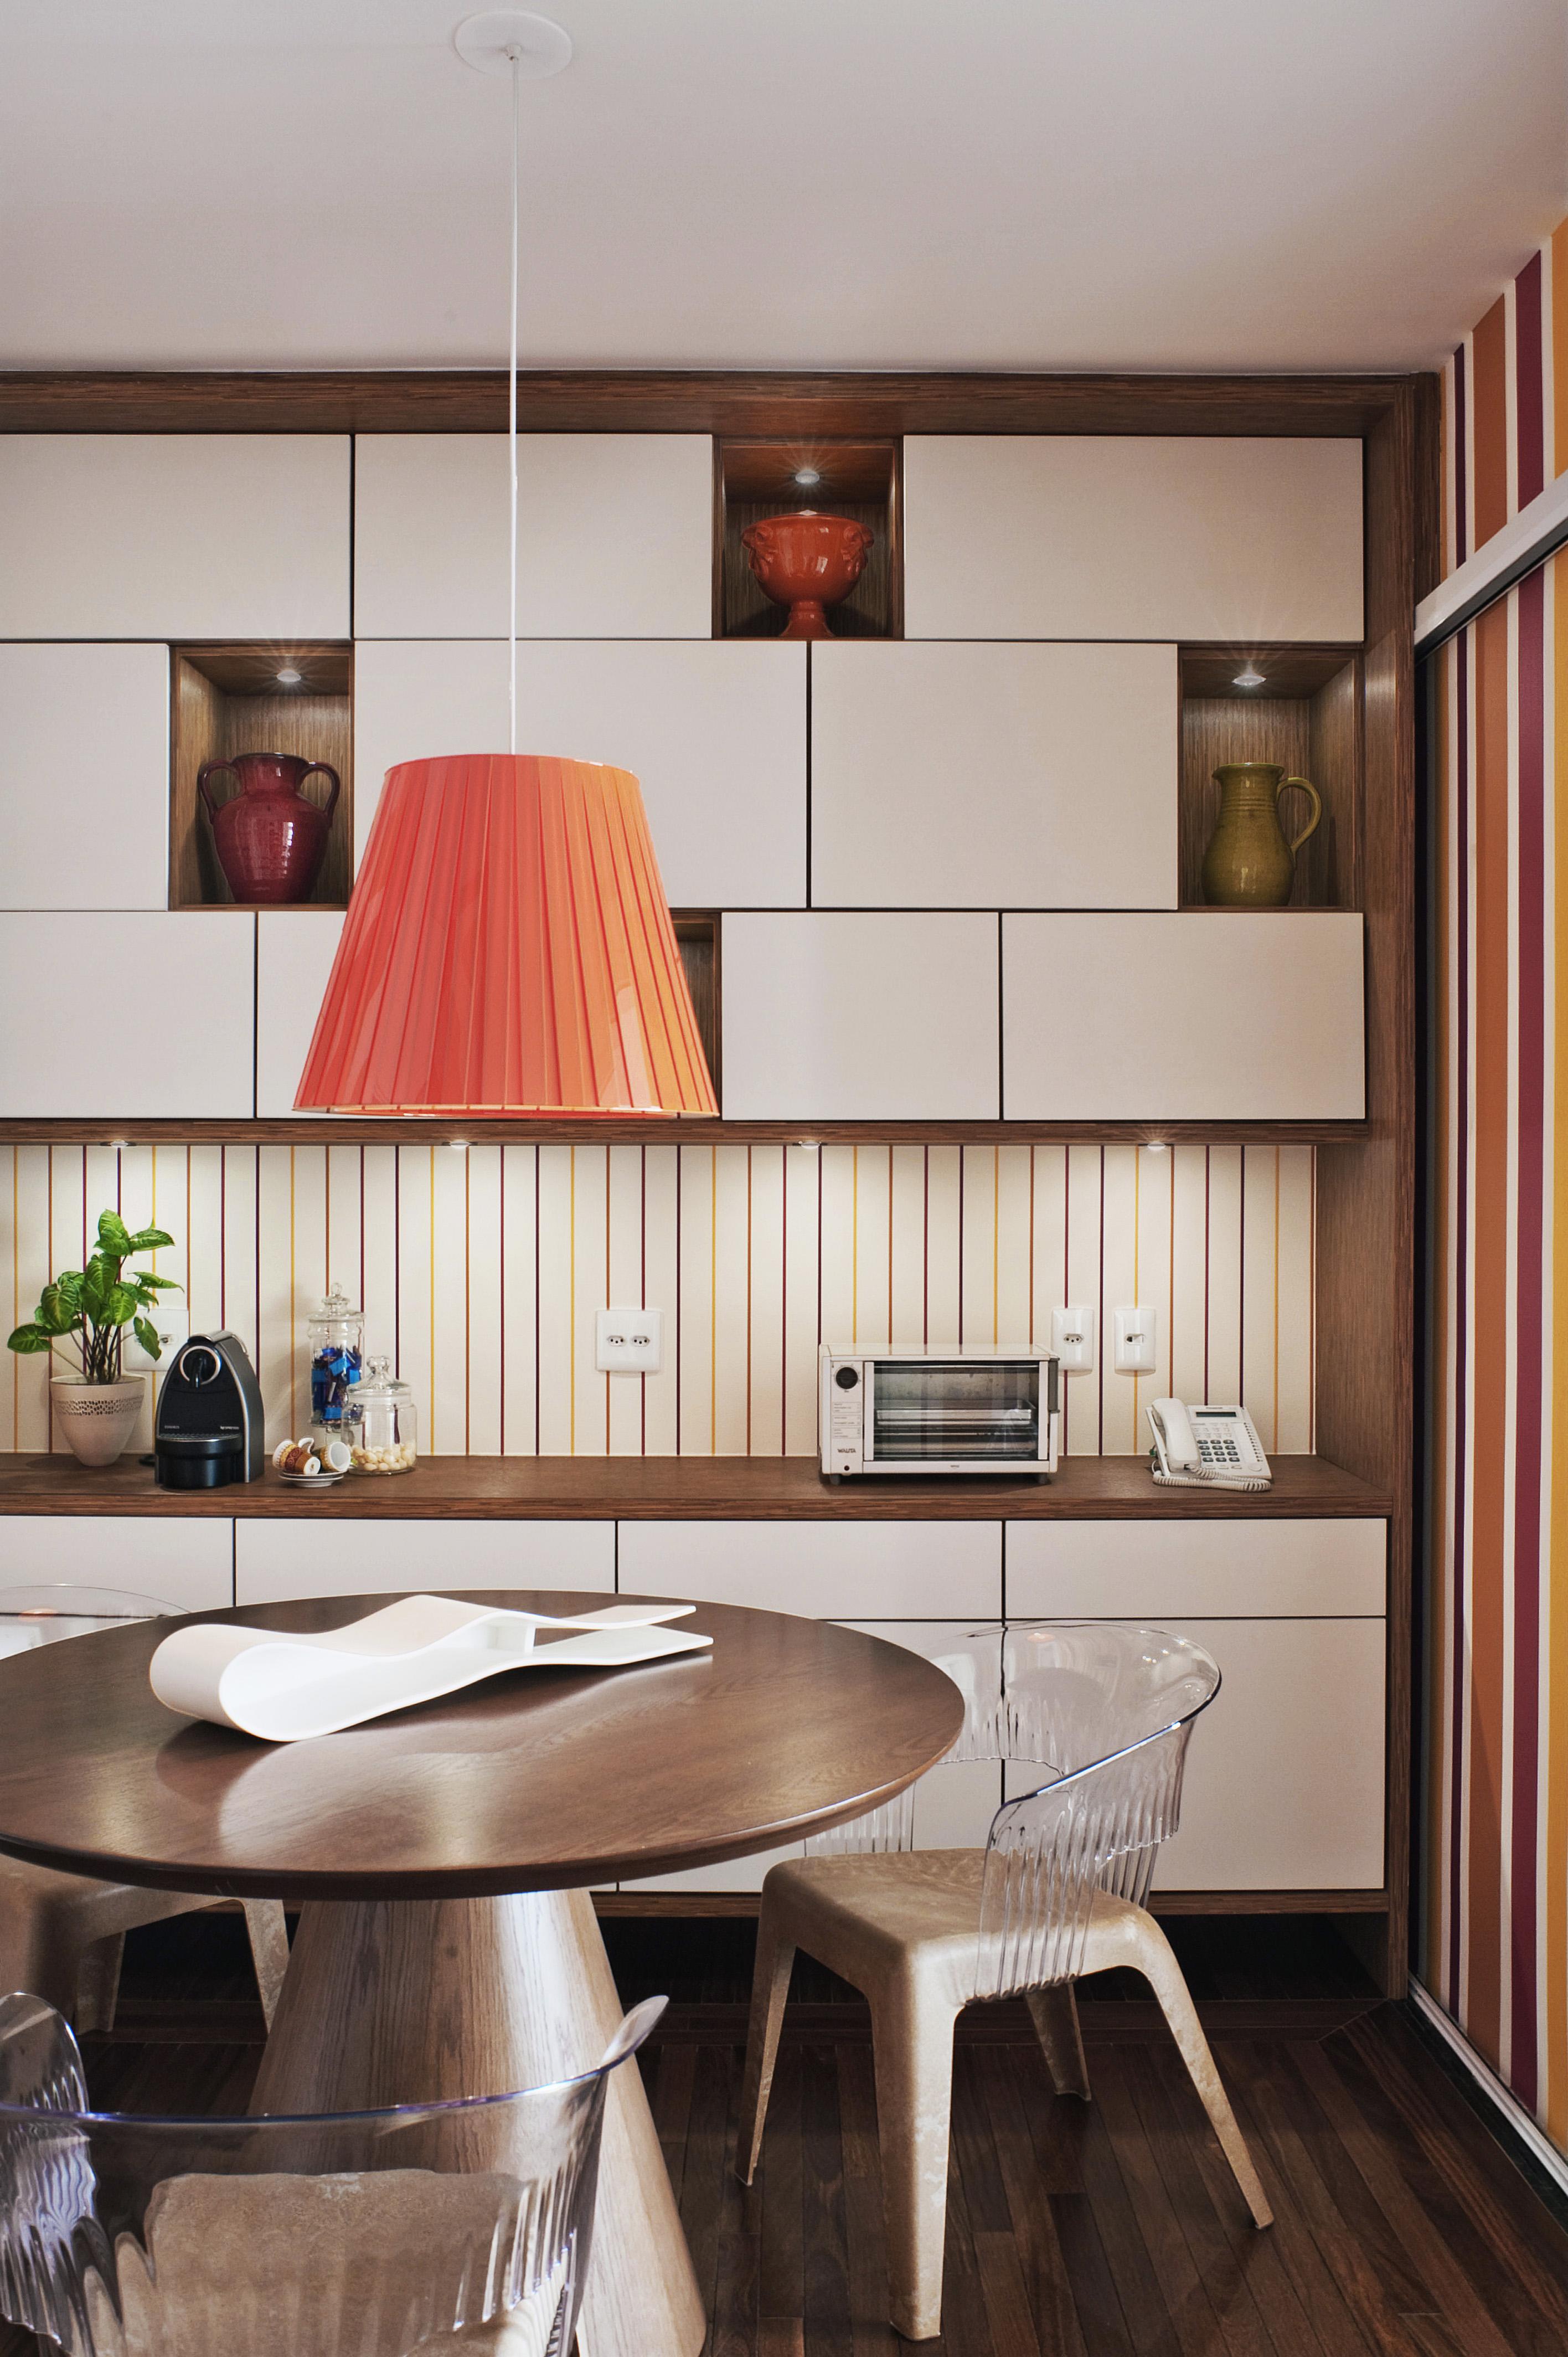 1-cozinha-com-toques-de-cor-vibrante-na-decoracao